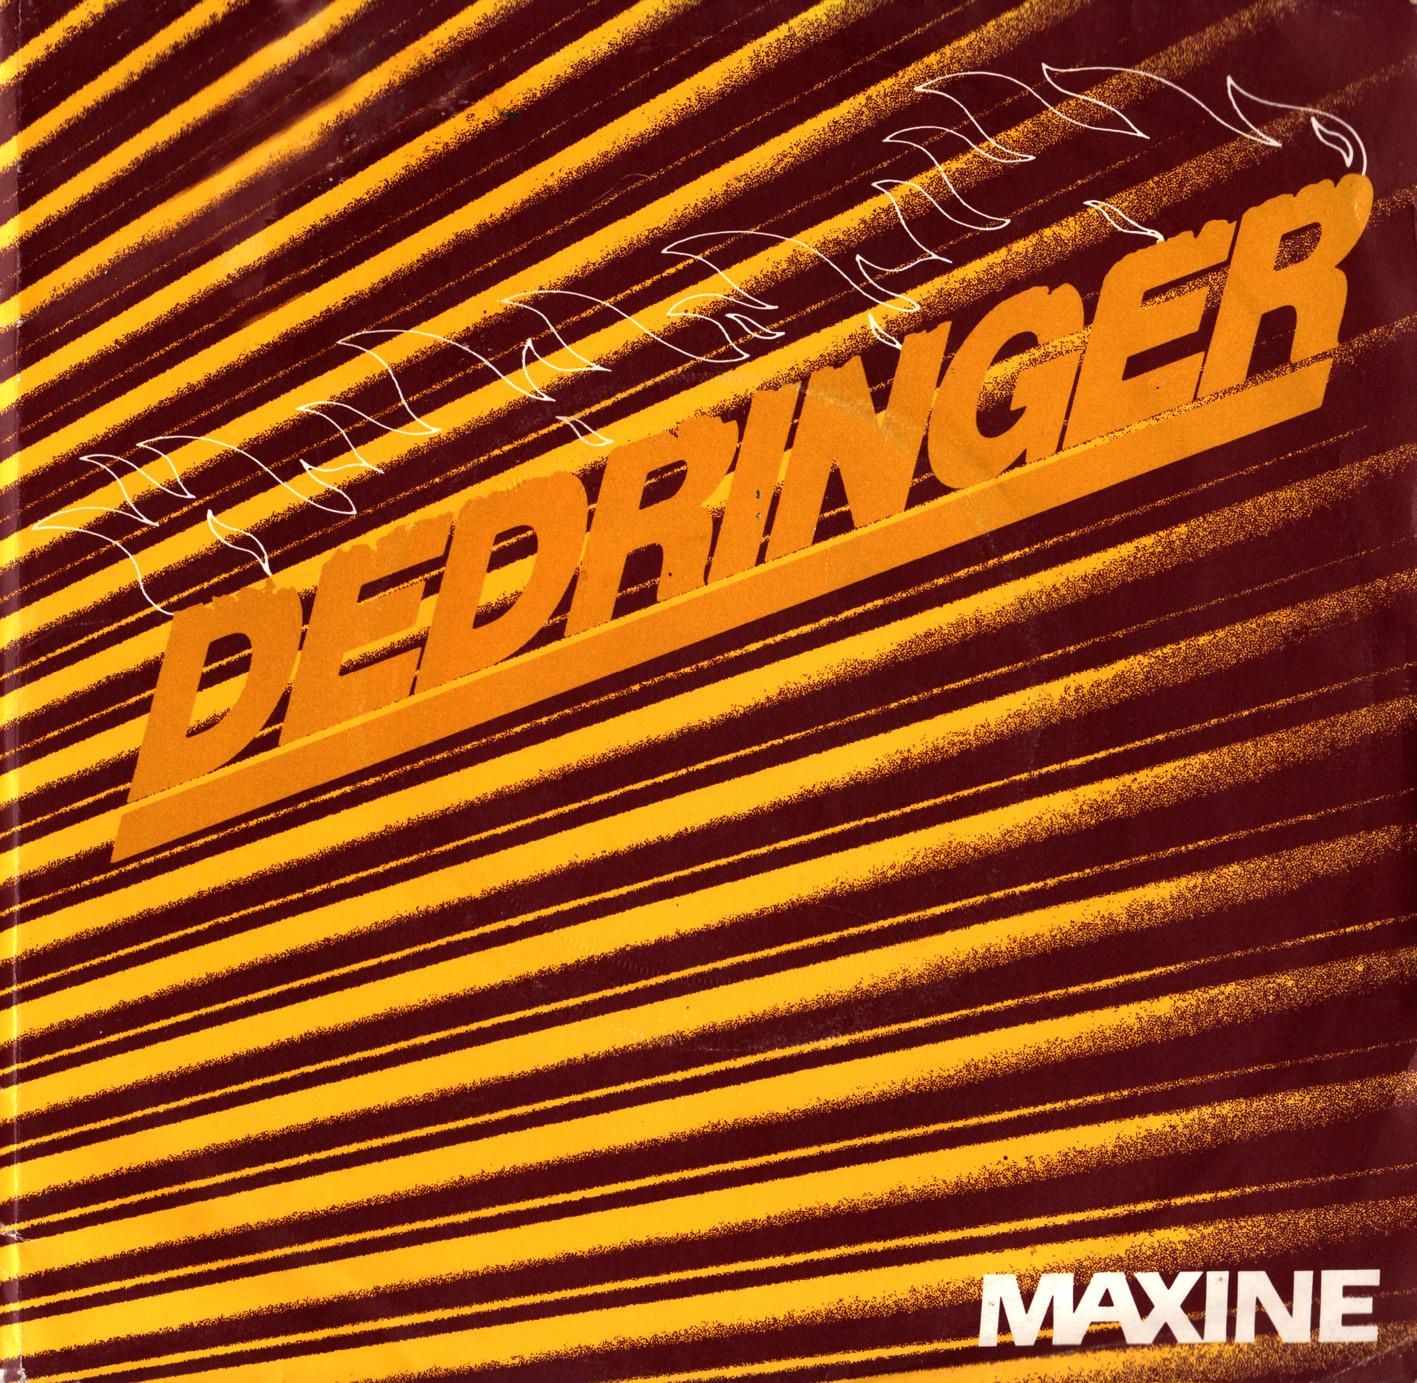 Dedringer - Maxine